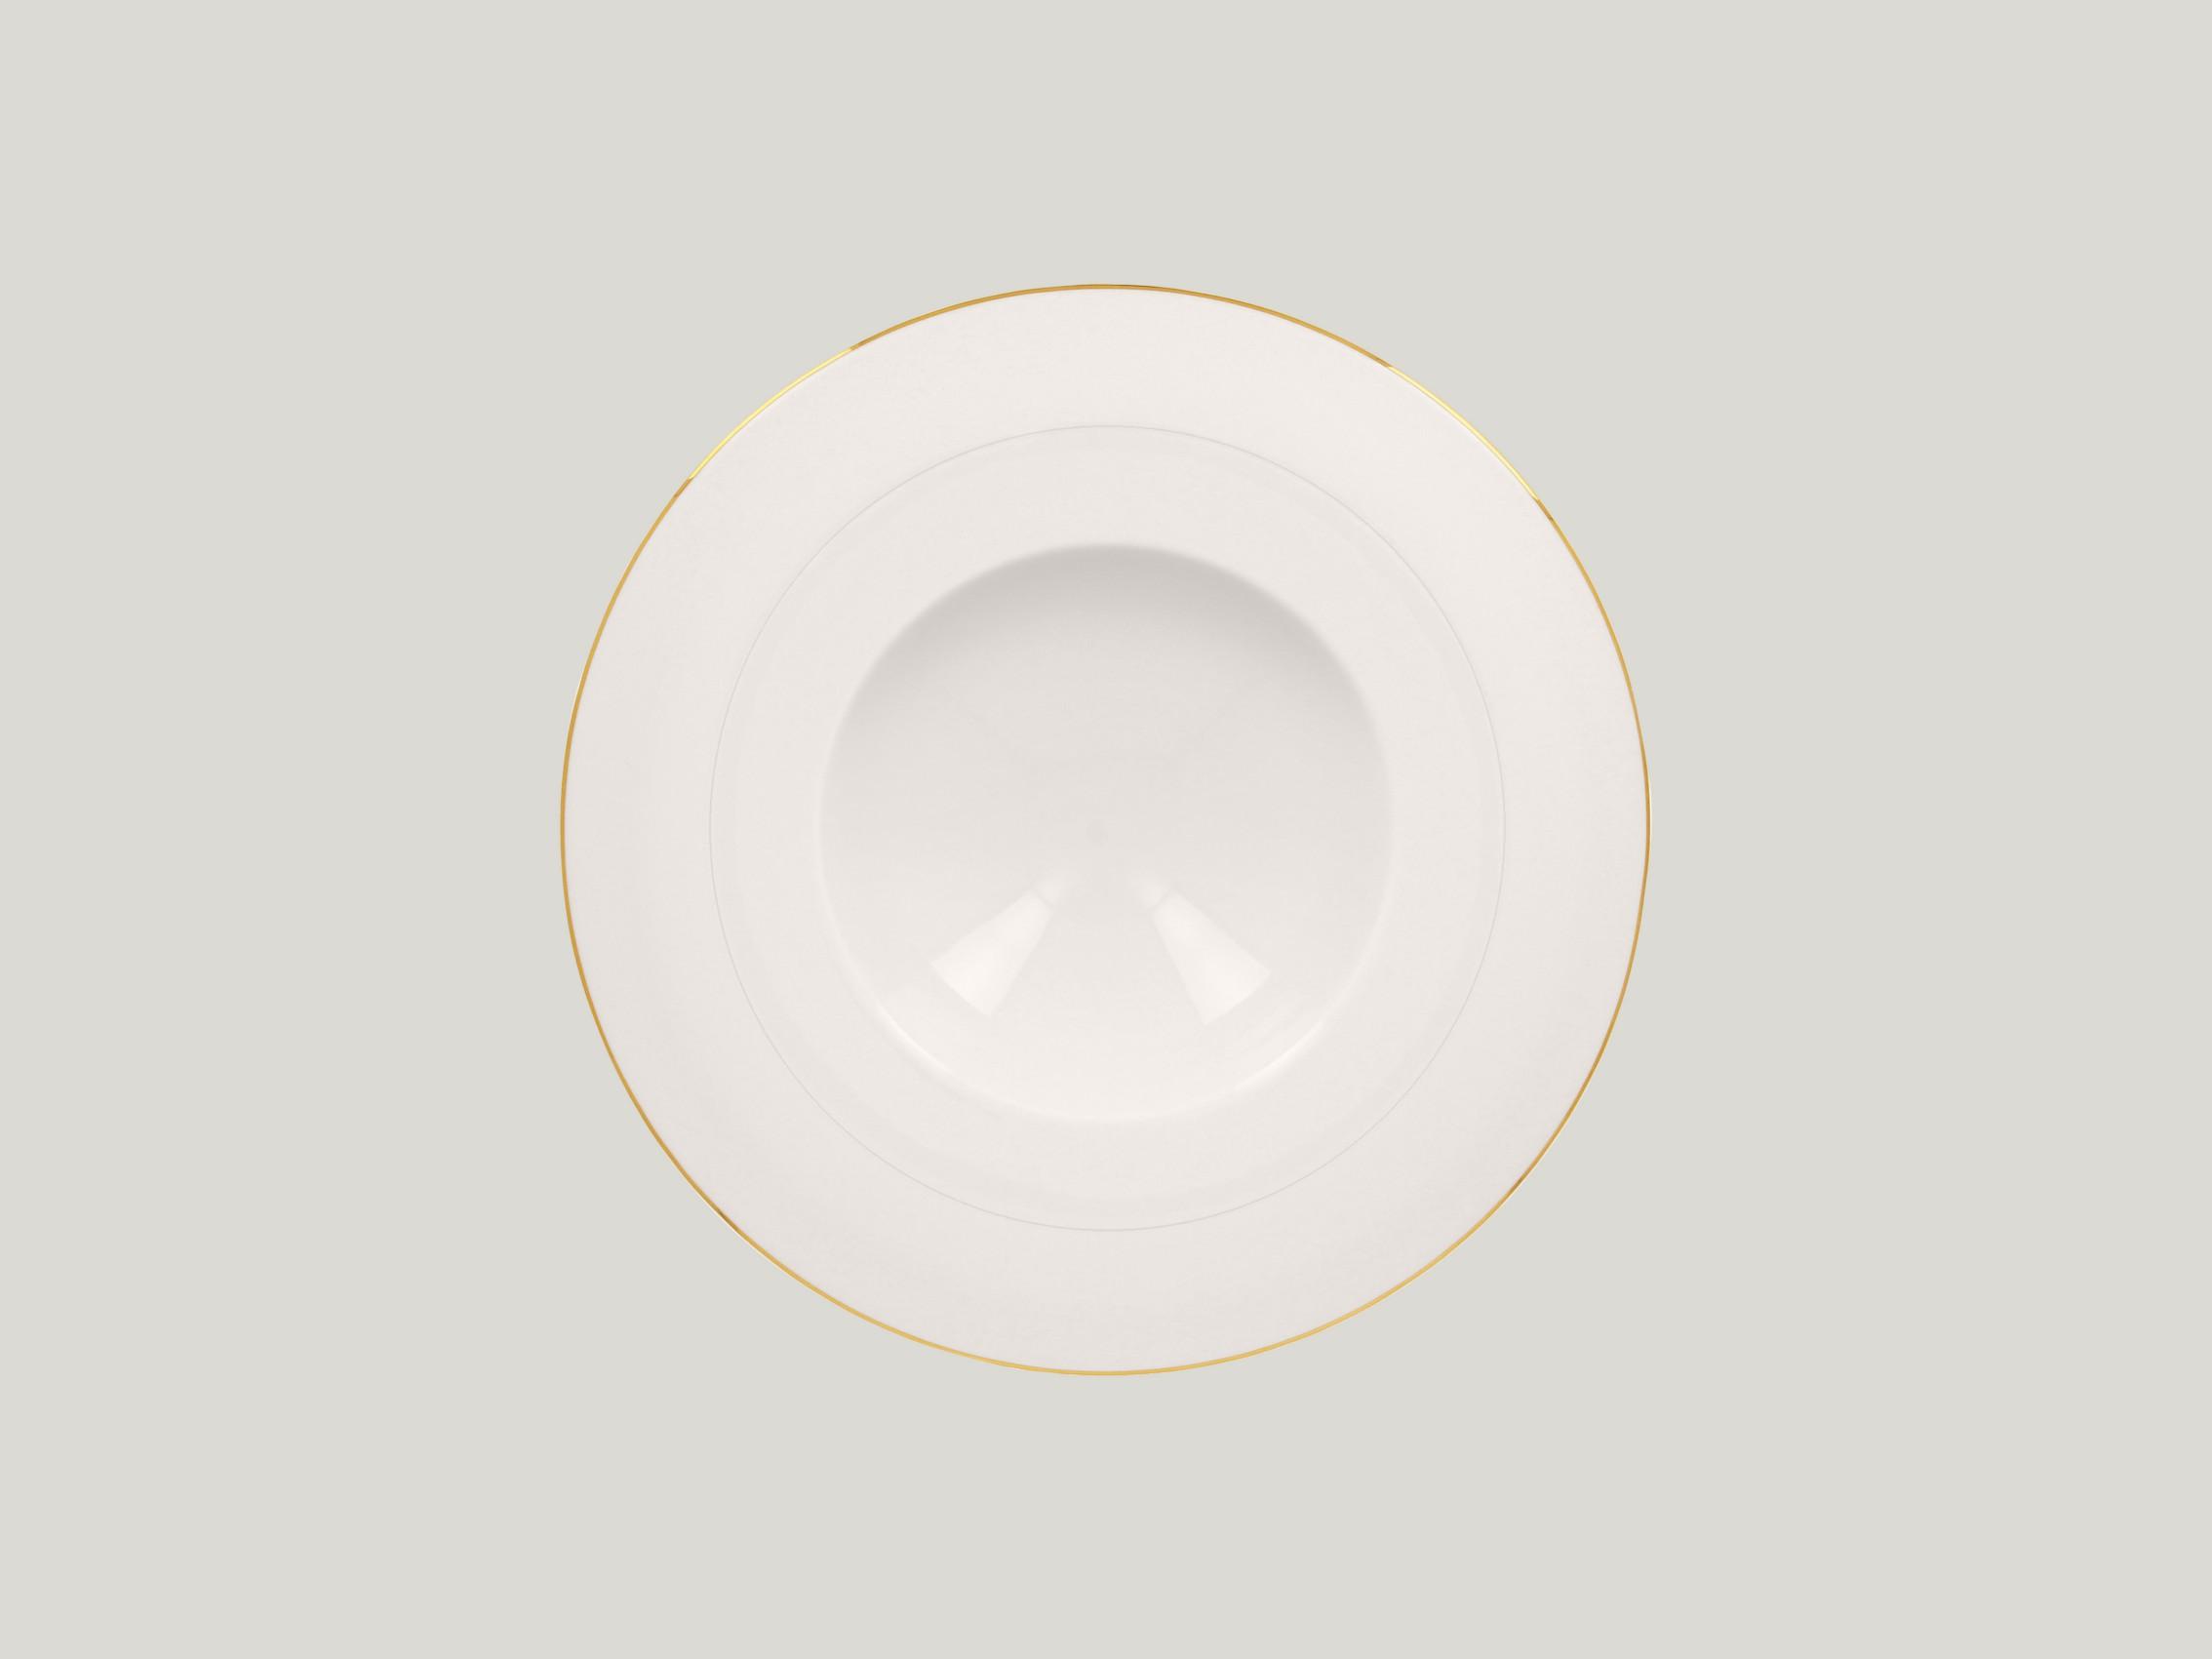 Hluboký talíř - Prince PURE